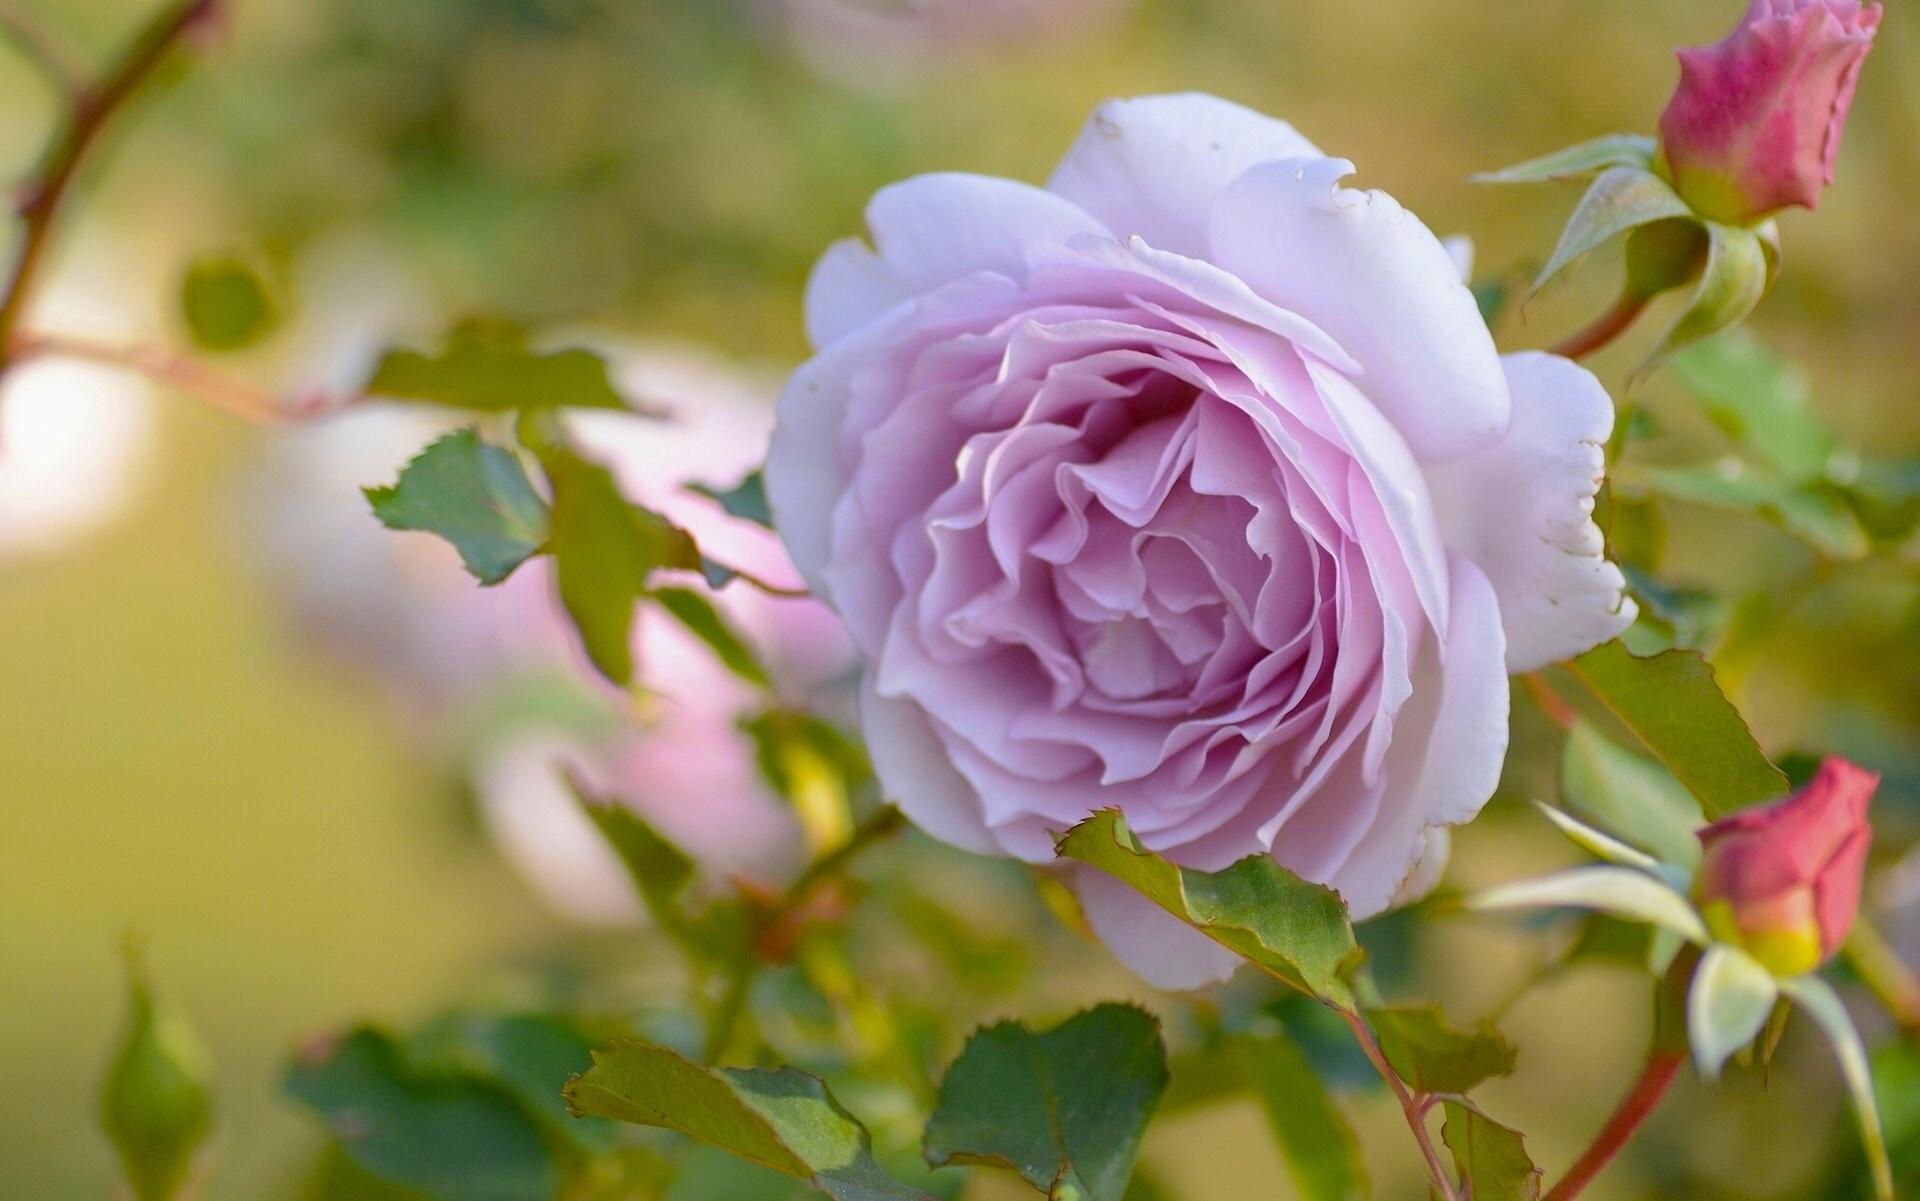 Картинки Розы Цветы Крупным планом 1920x1201 роза цветок вблизи